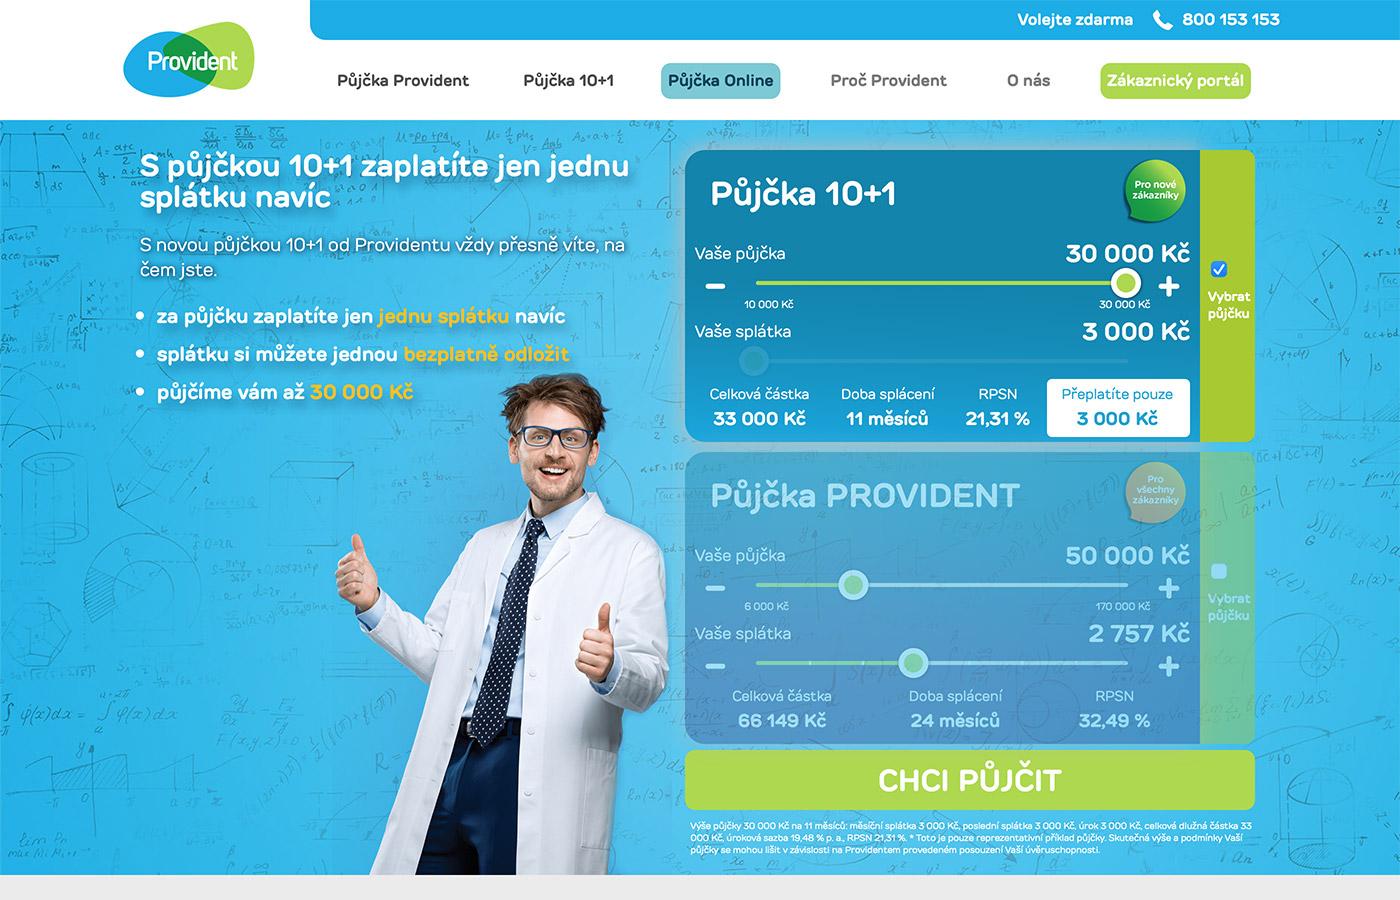 Náhled webu https://www.provident.cz/pujcky/pujcka-10-1